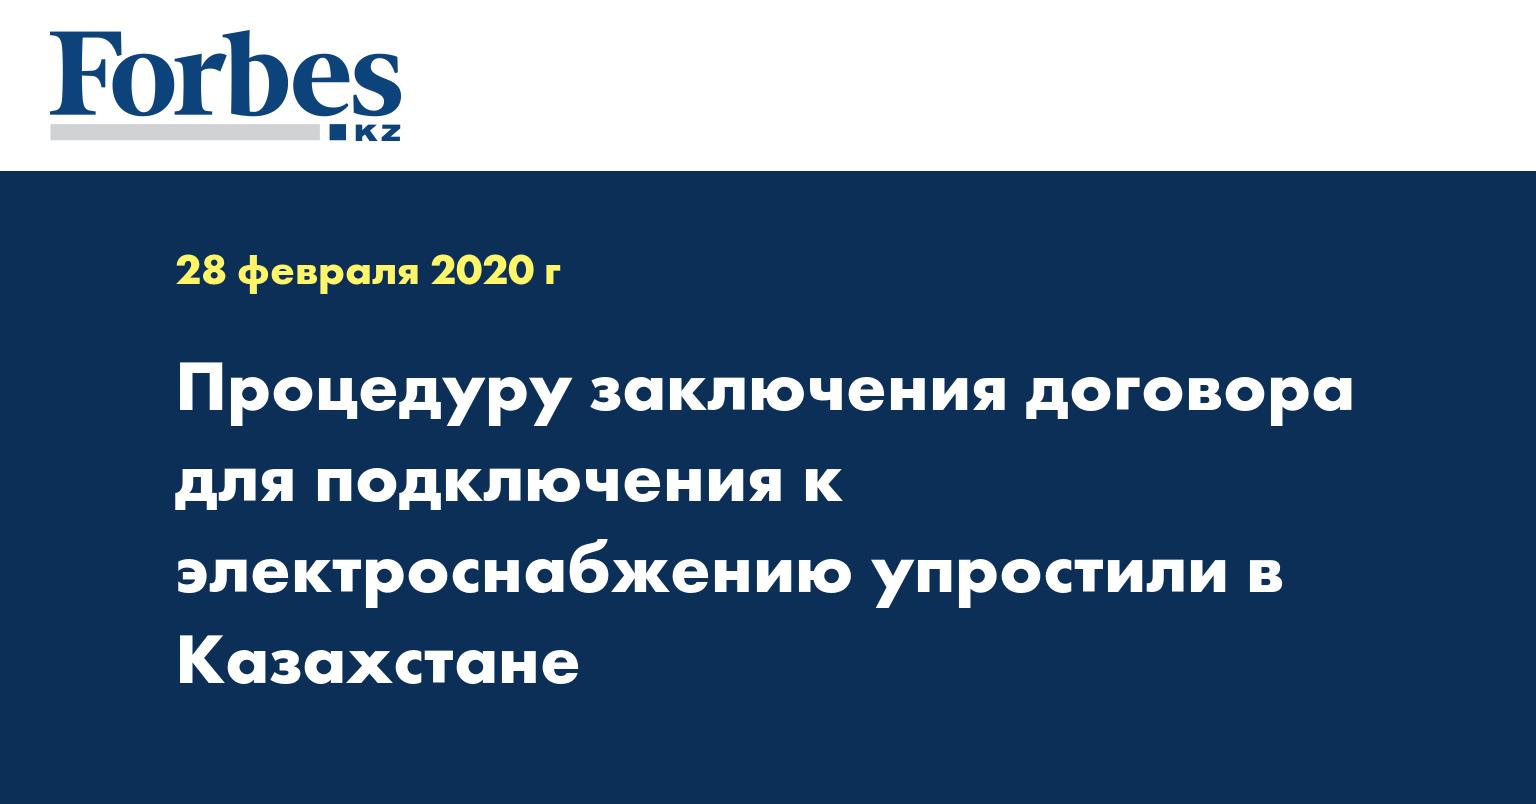 Процедуру заключения договора для подключения к электроснабжению упростили в Казахстане